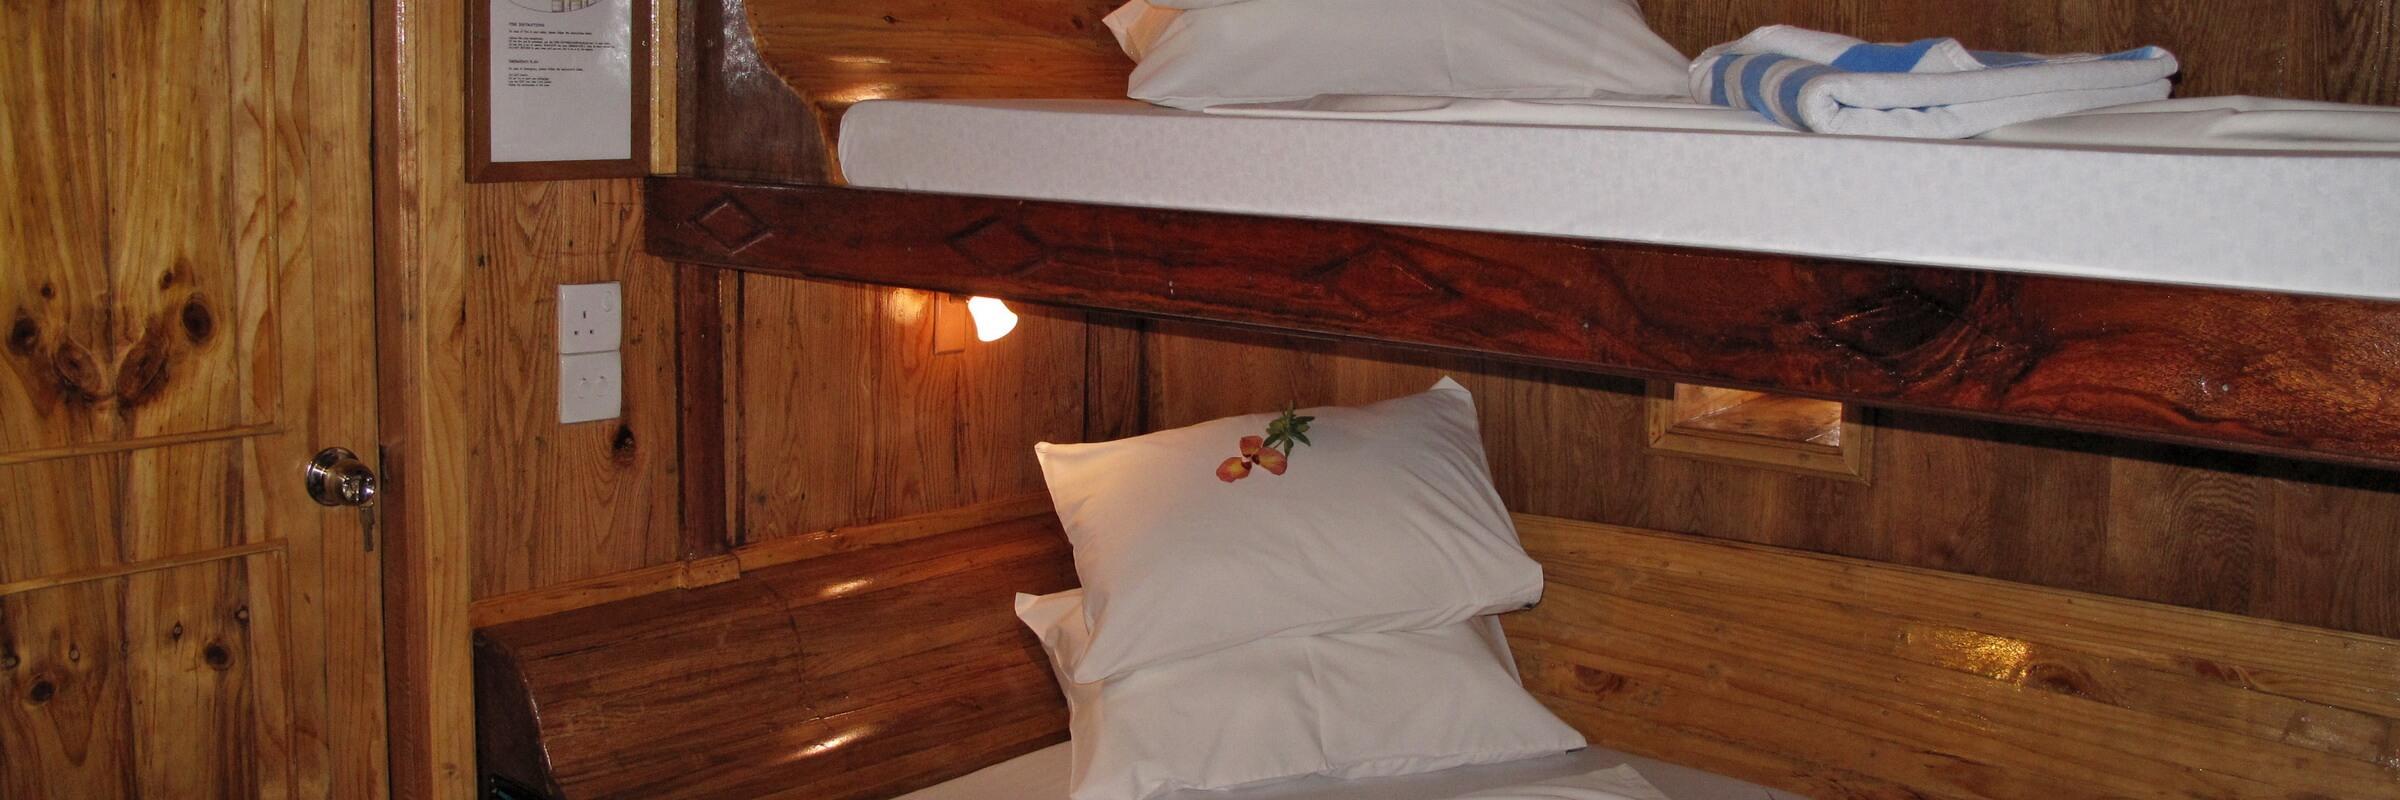 Die Kabinen auf dem Unterdeck (Standard Kabinen) sind mit jeweils zwei Einzelbetten ausgestattet und somit auch für Einzelreisende oder Tauchbuddys gut geeignet.